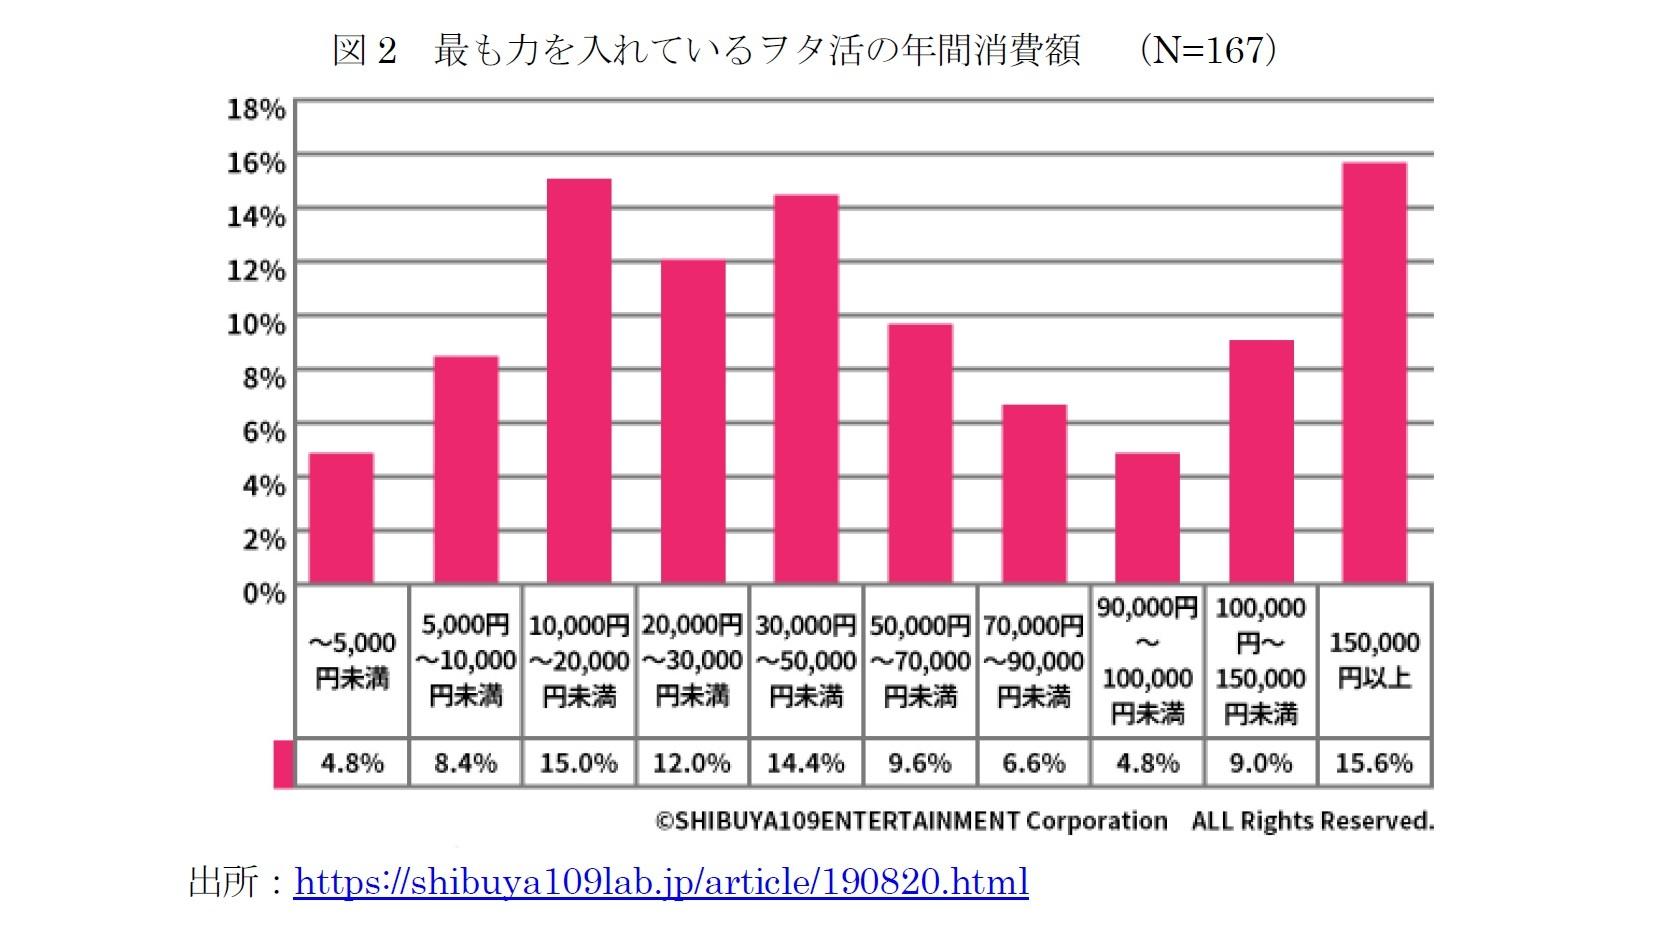 図2 最も力を入れているヲタ活の年間消費額